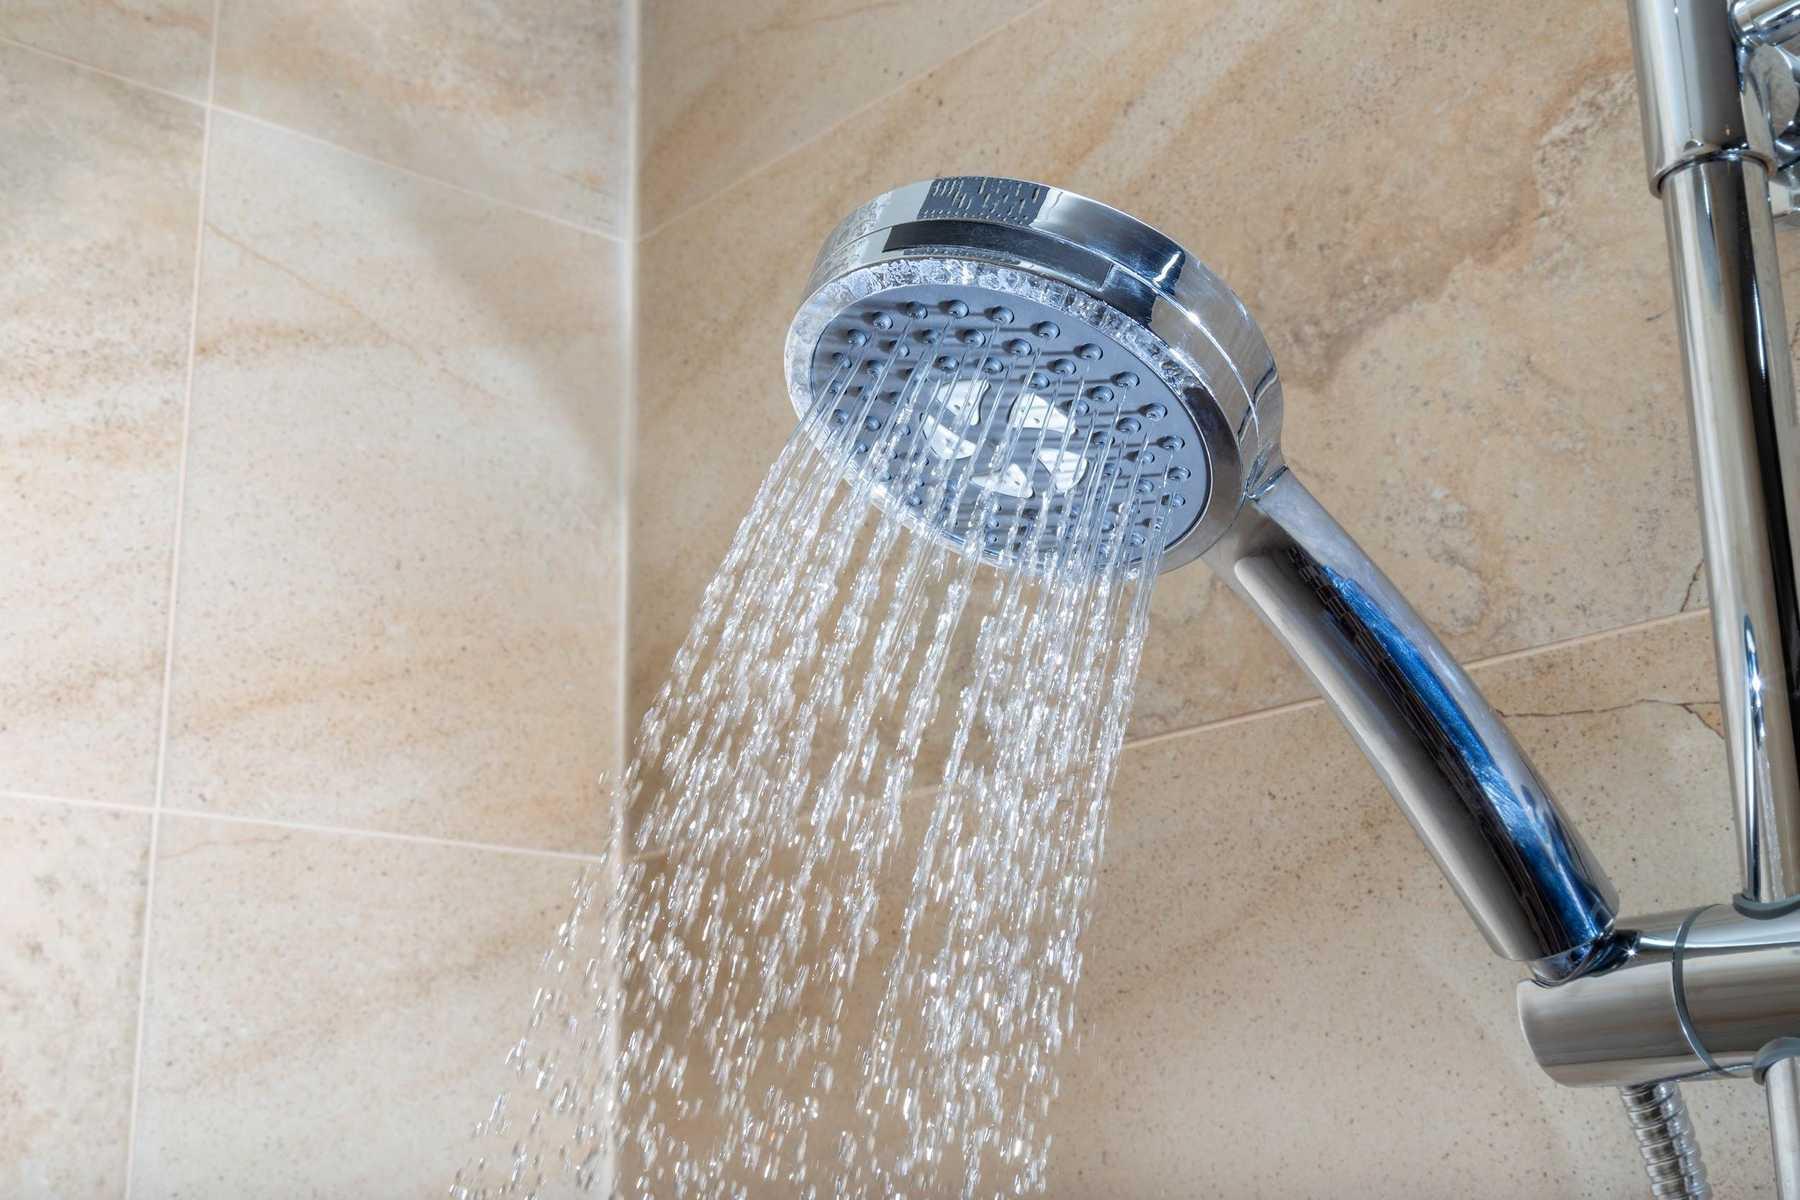 Consejos para limpiar la base de la ducha